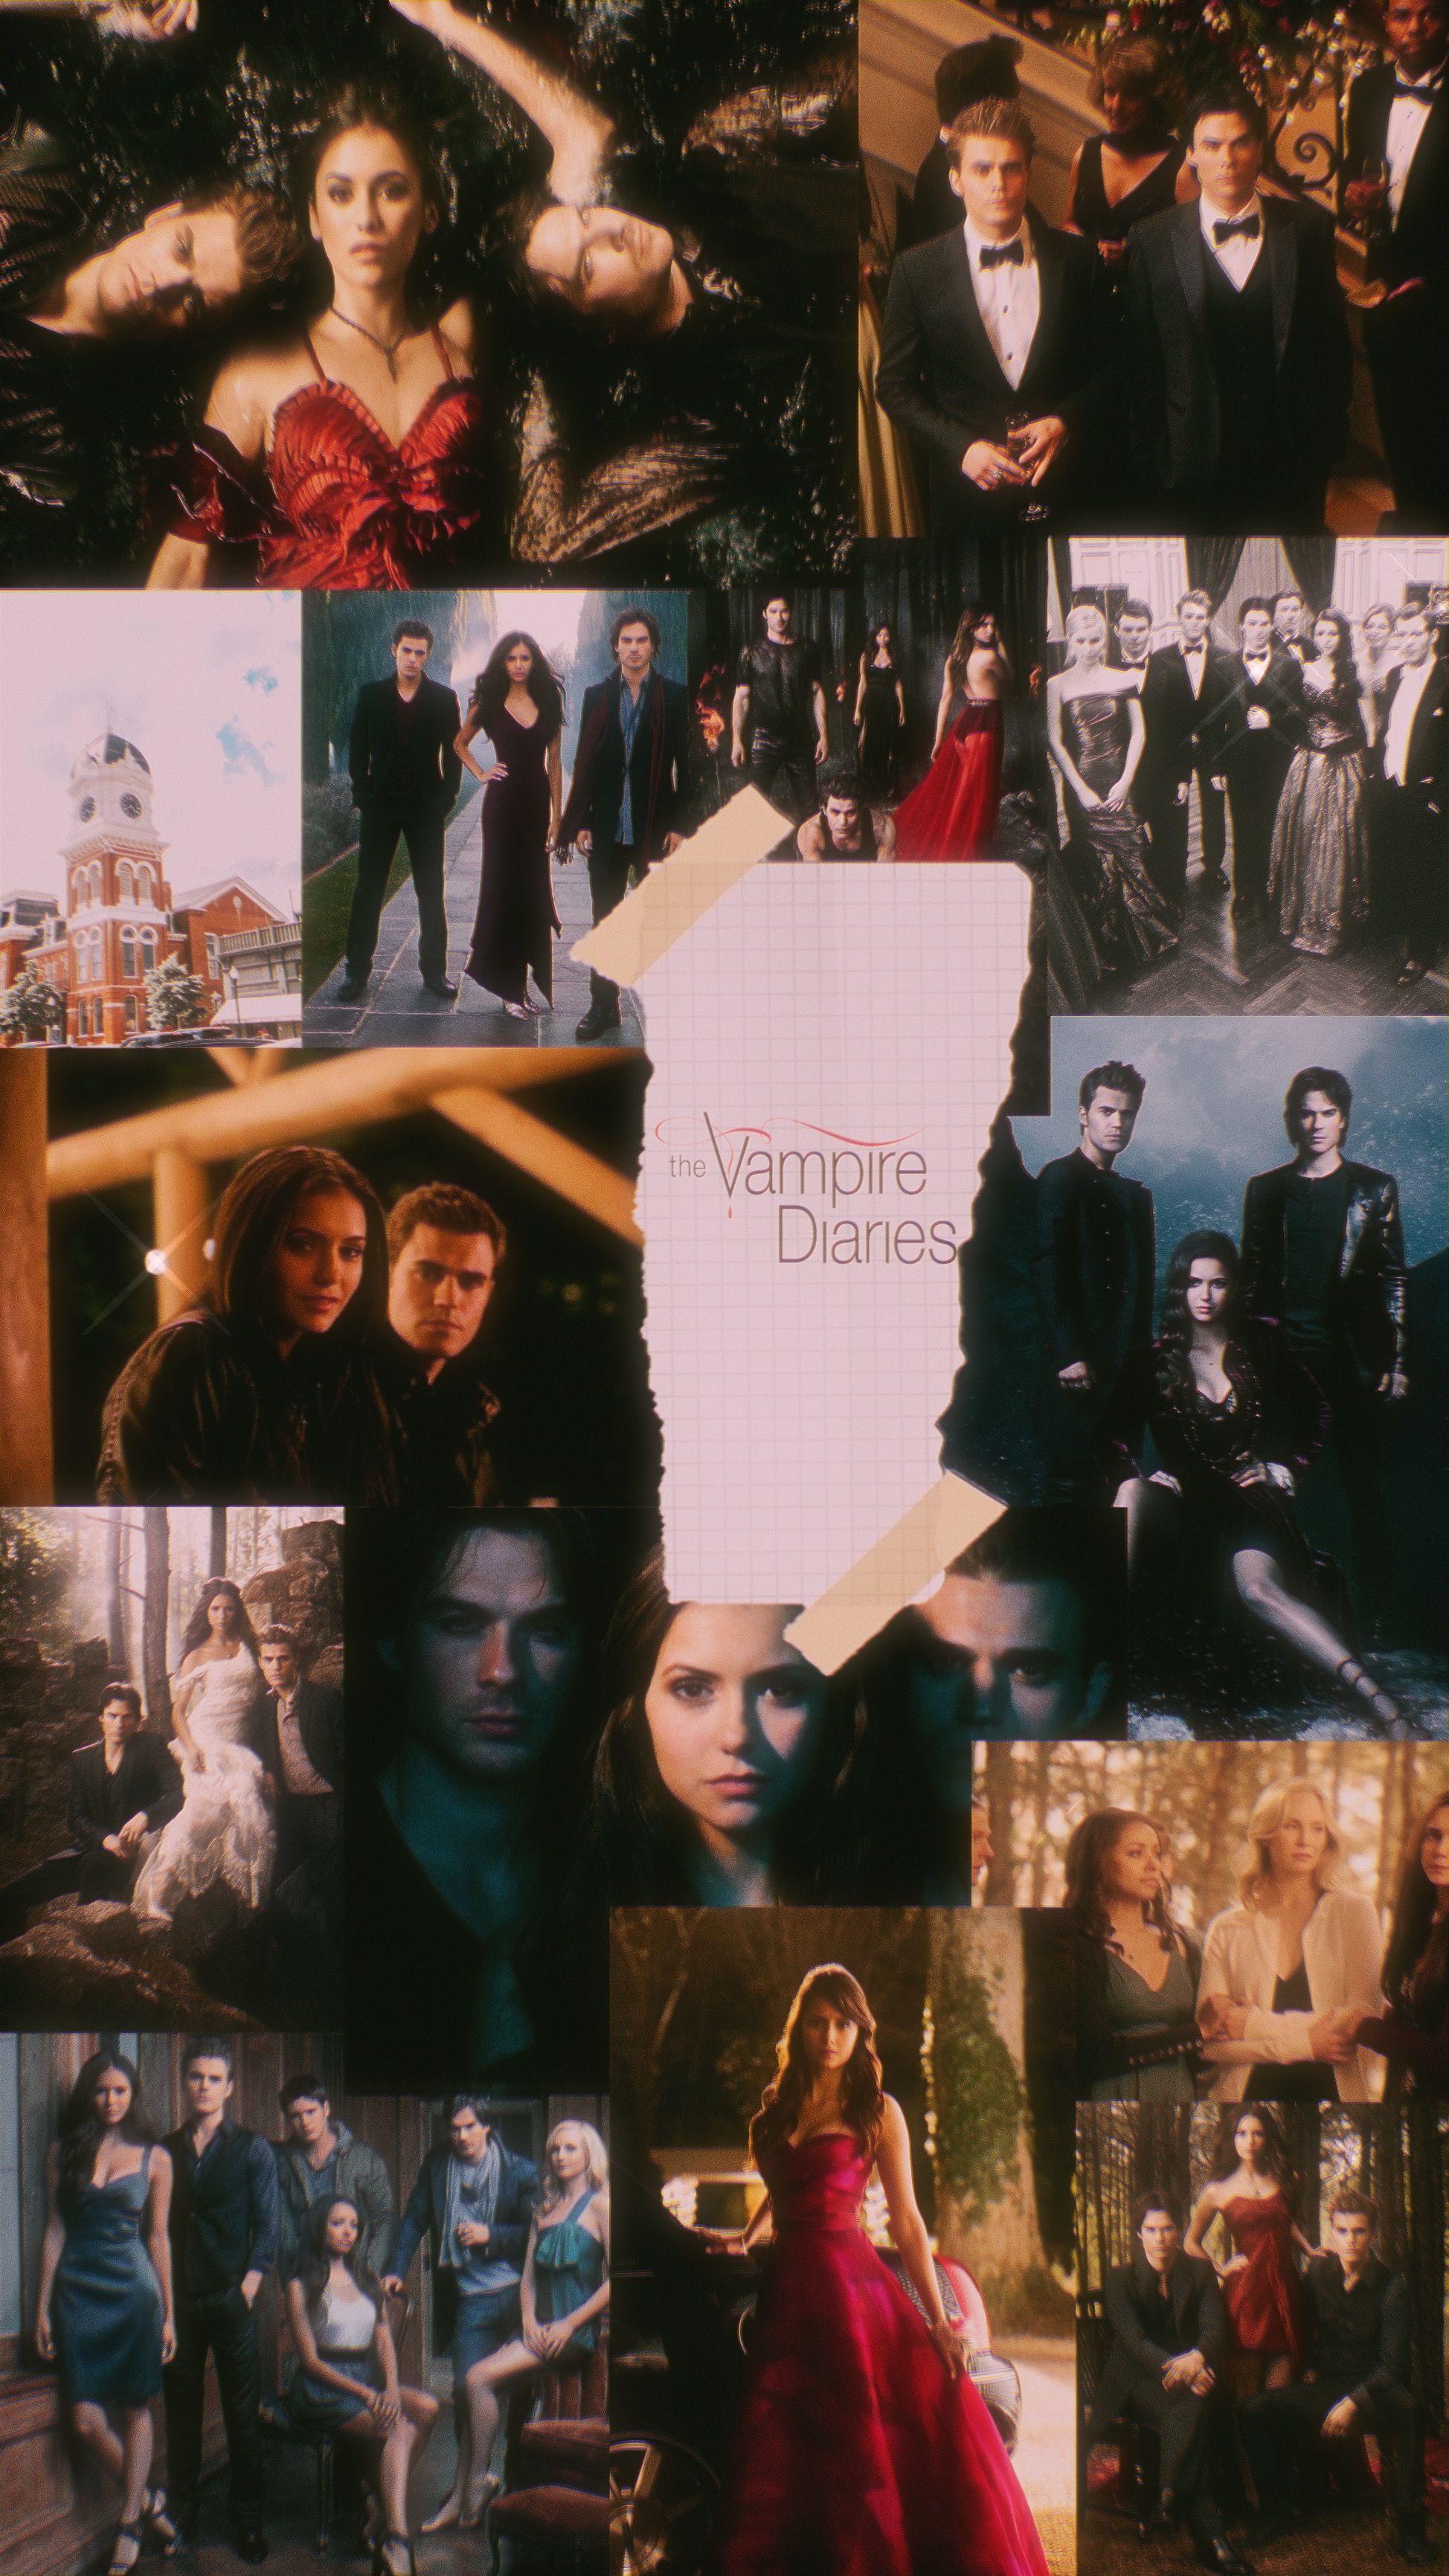 Vampire Diaries Iphone Wallpaper